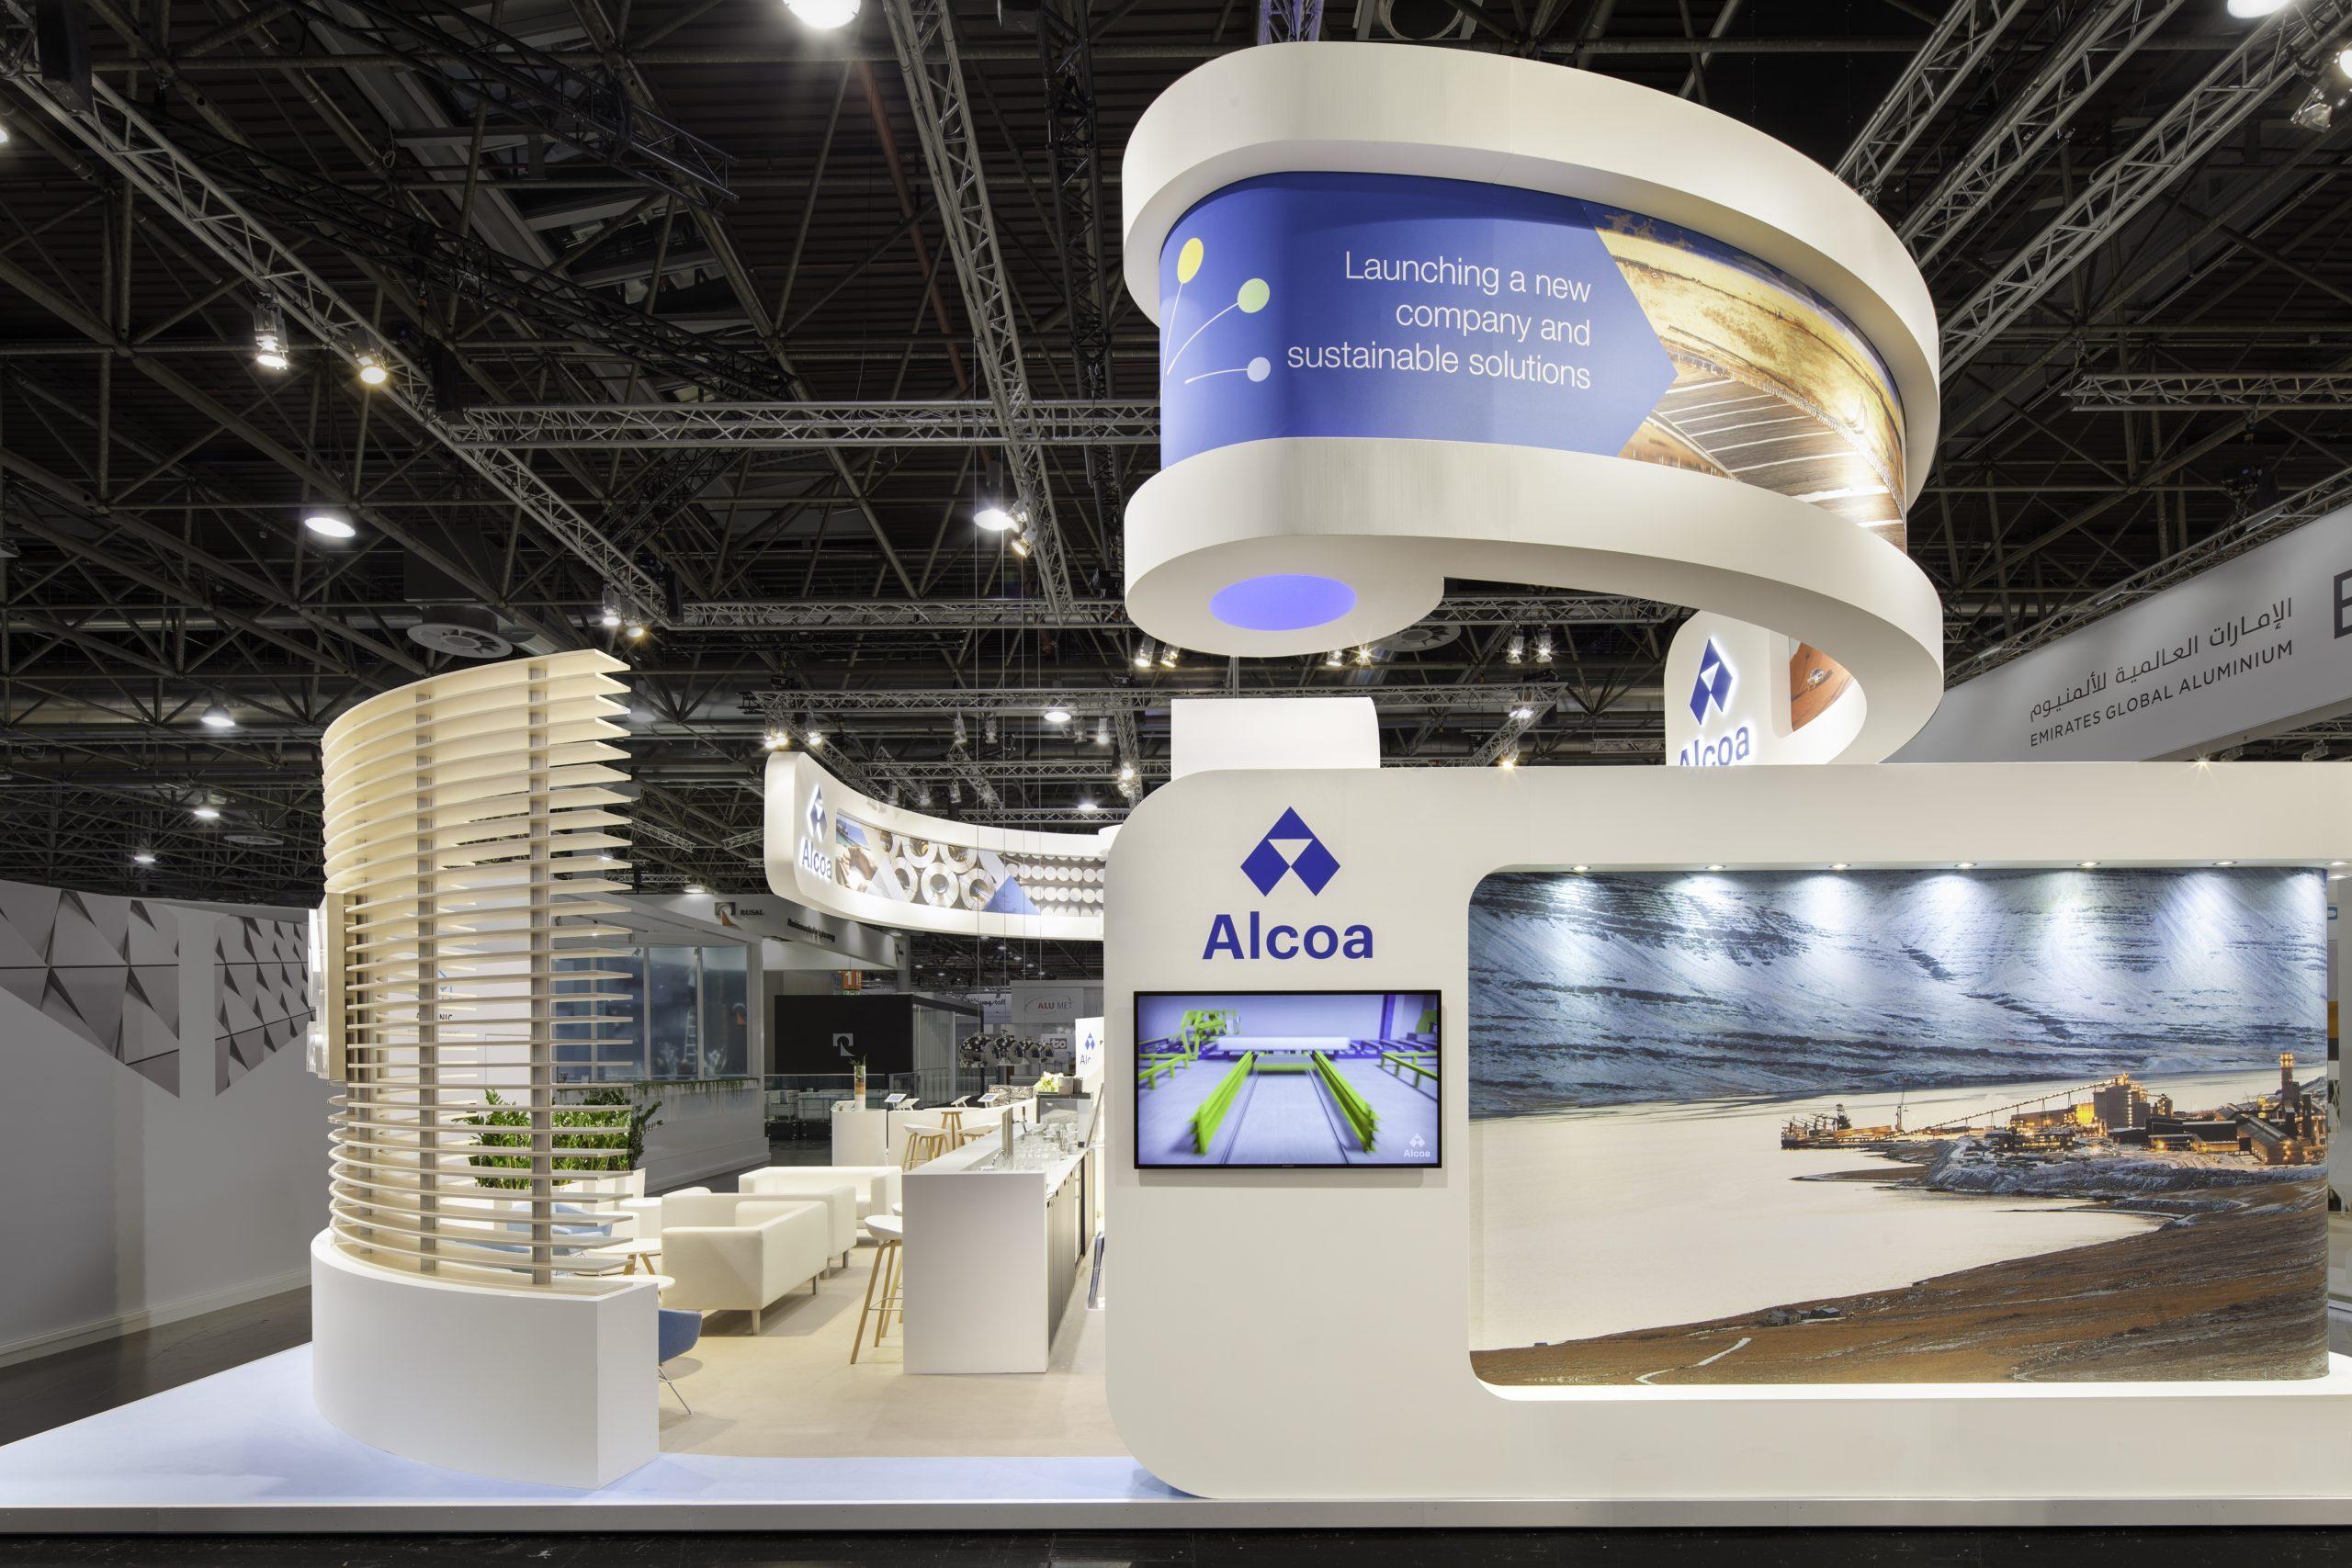 CAS Exhibition Partners - Alcoa - Aluminium 2016 - Dusseldorf - Standbouwfotografie #4642